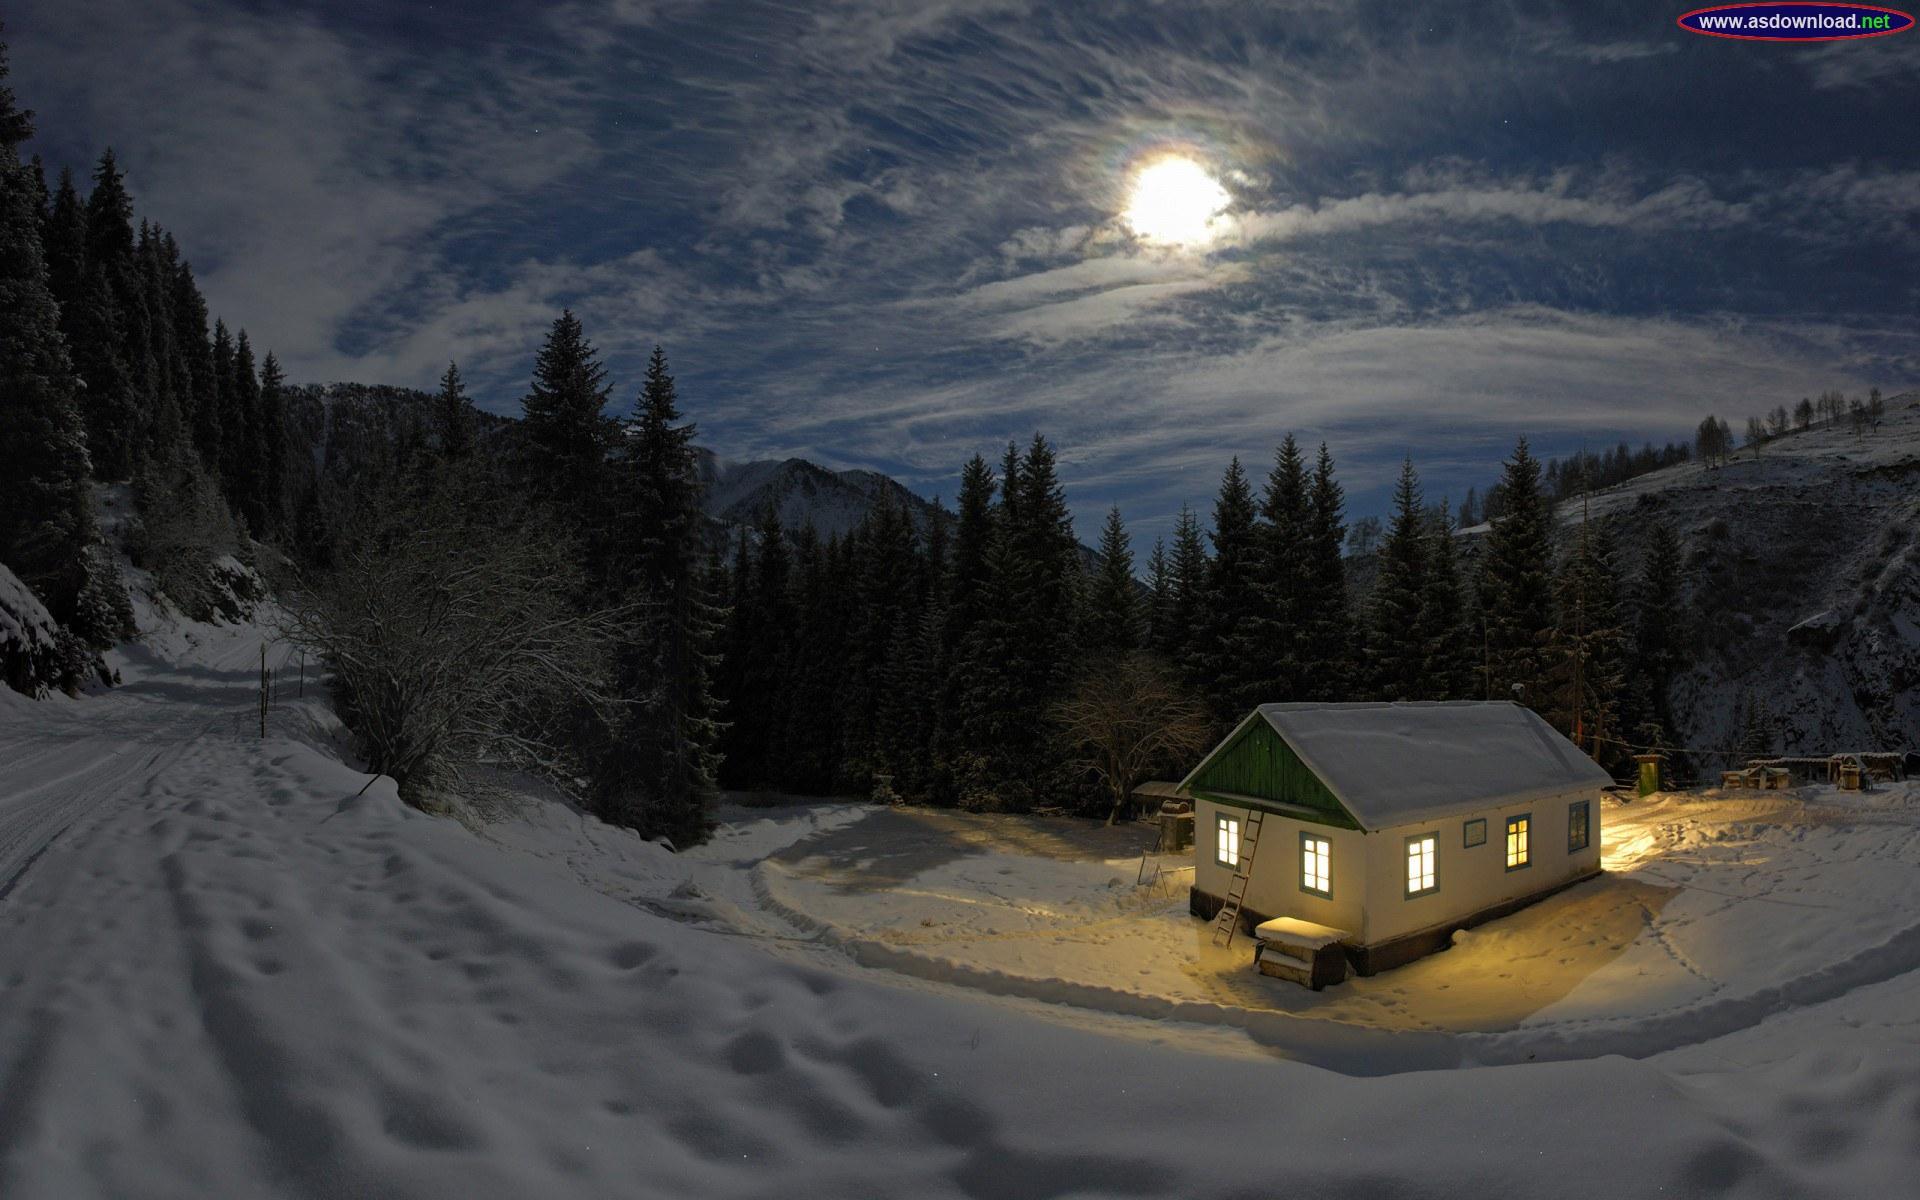 دانلود عکس طبیعت برفی و زمستانی 2014